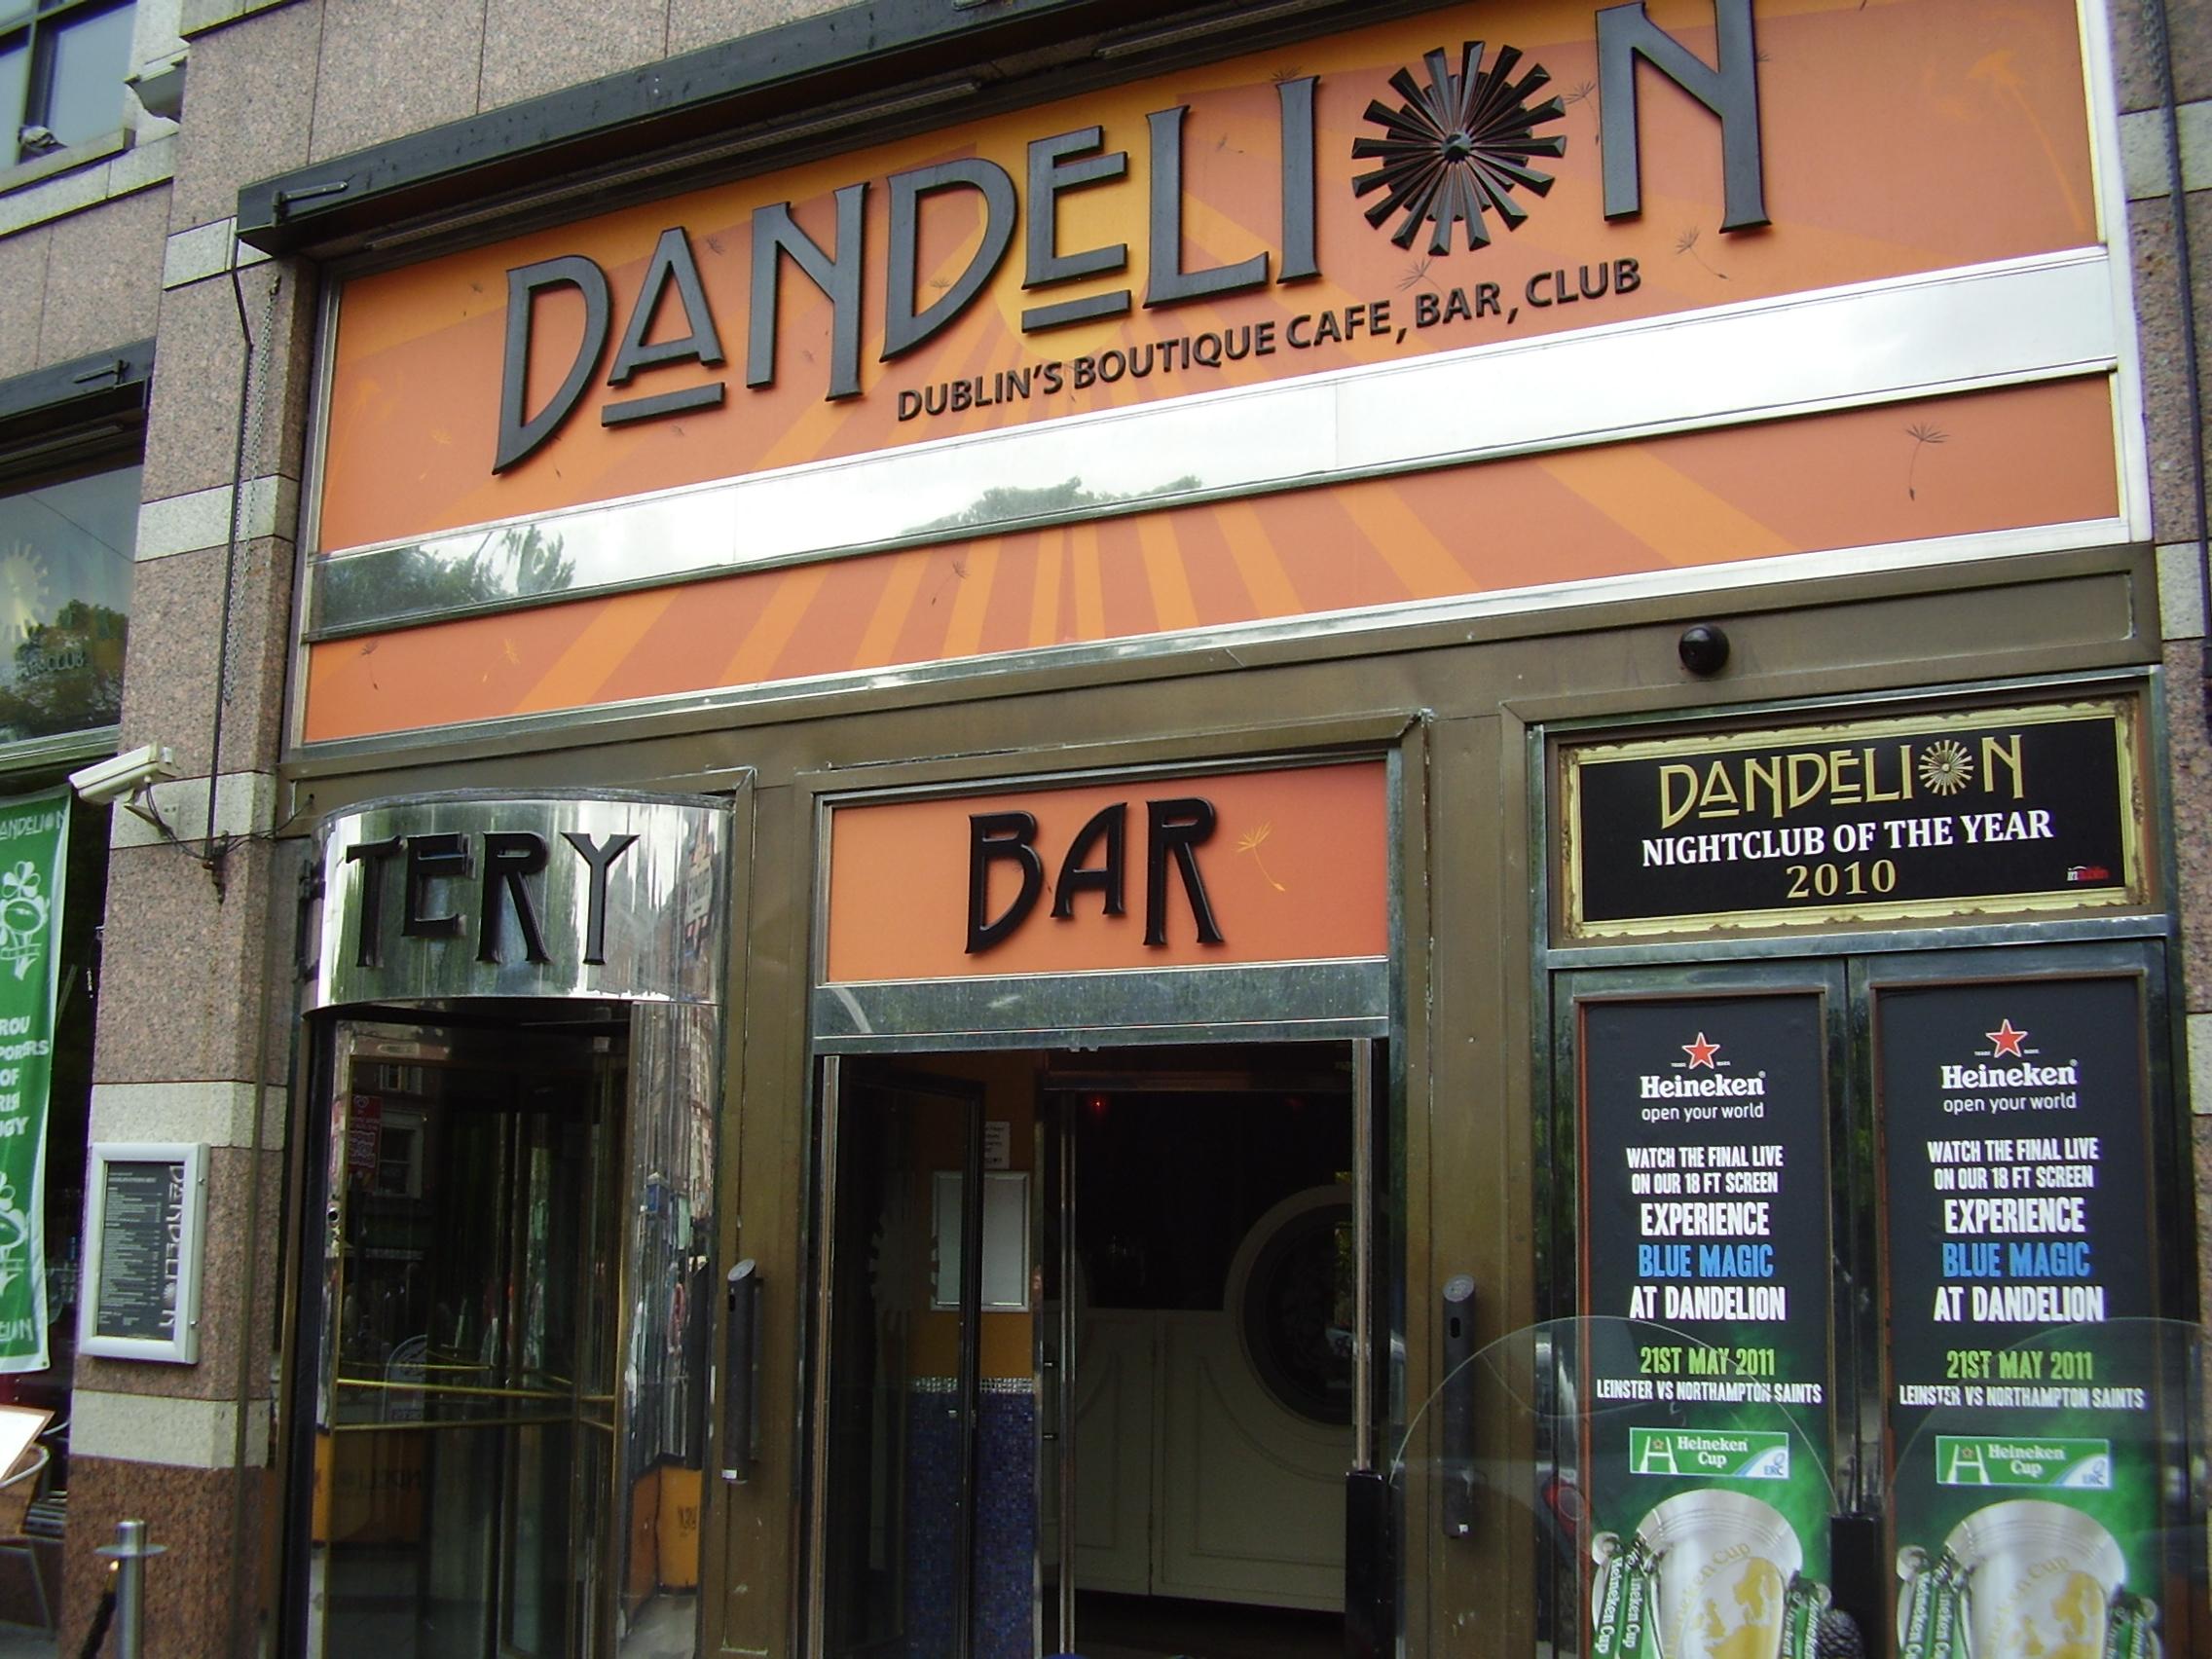 Speed dating dublin dandelion restaurant